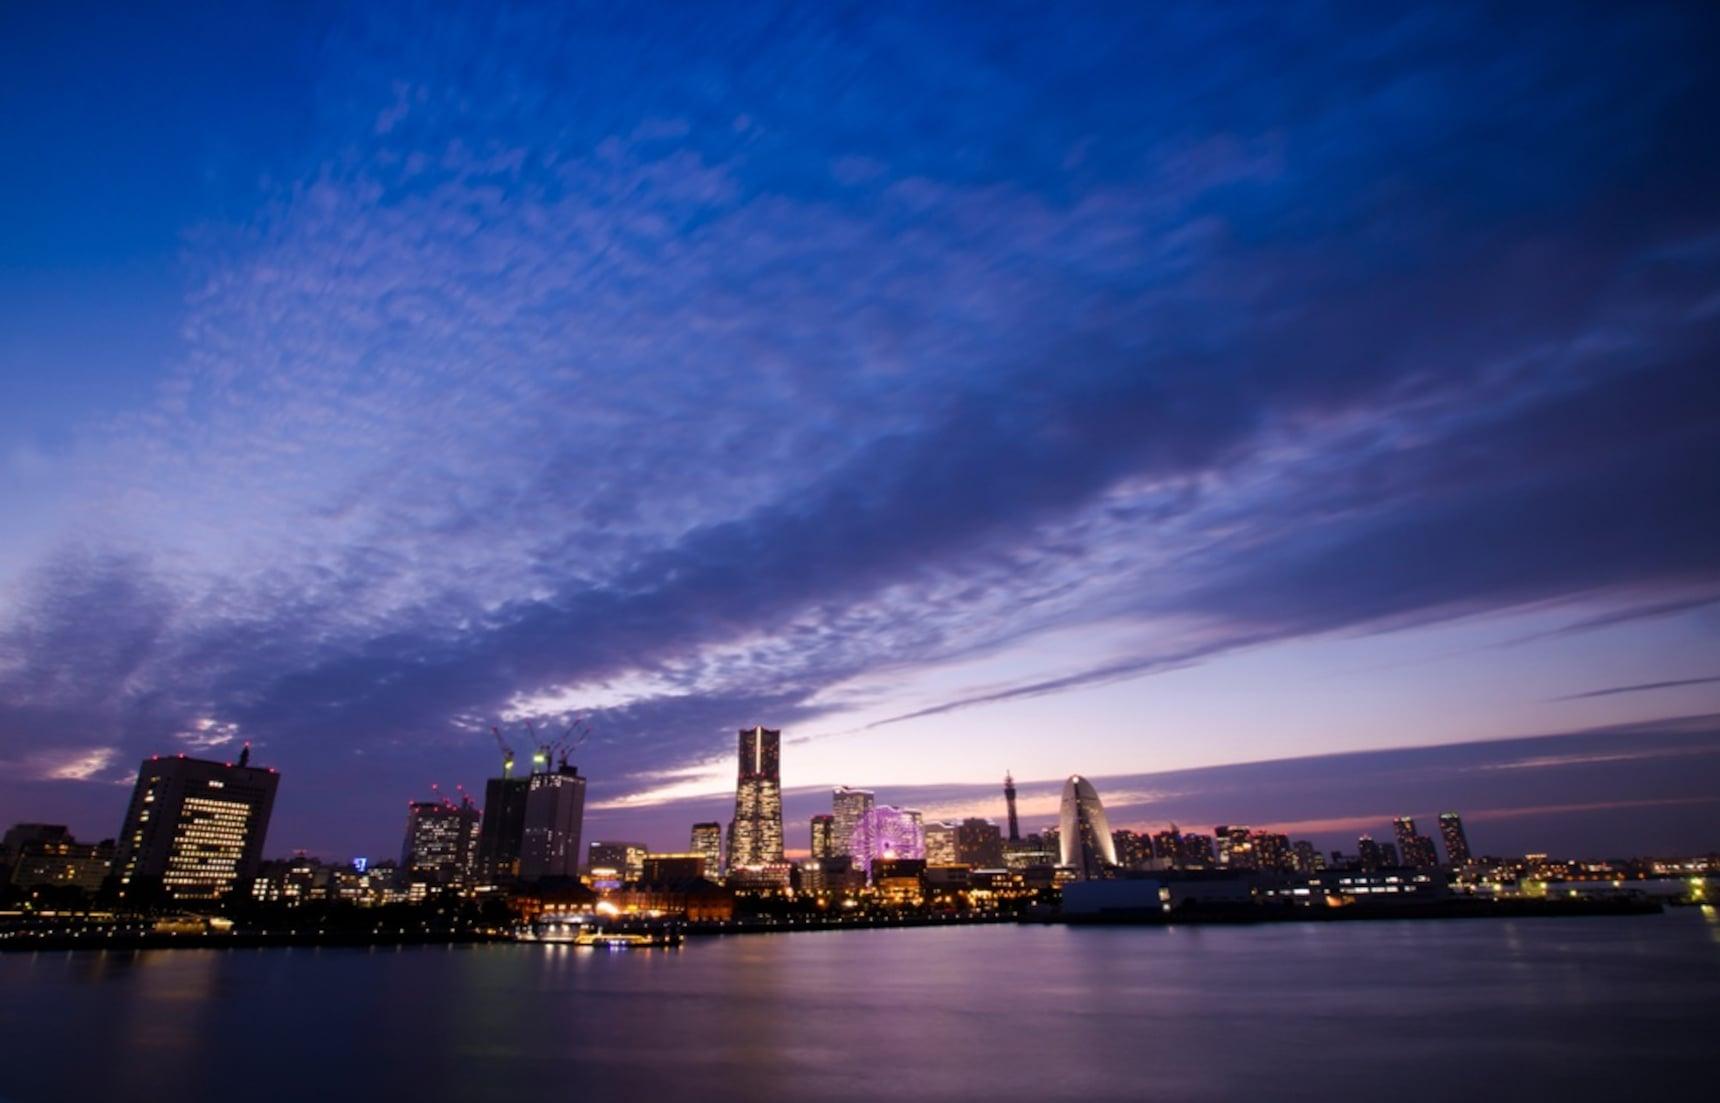 【橫濱自由行】港都橫濱,浪漫滿城!橫濱一日景點推薦